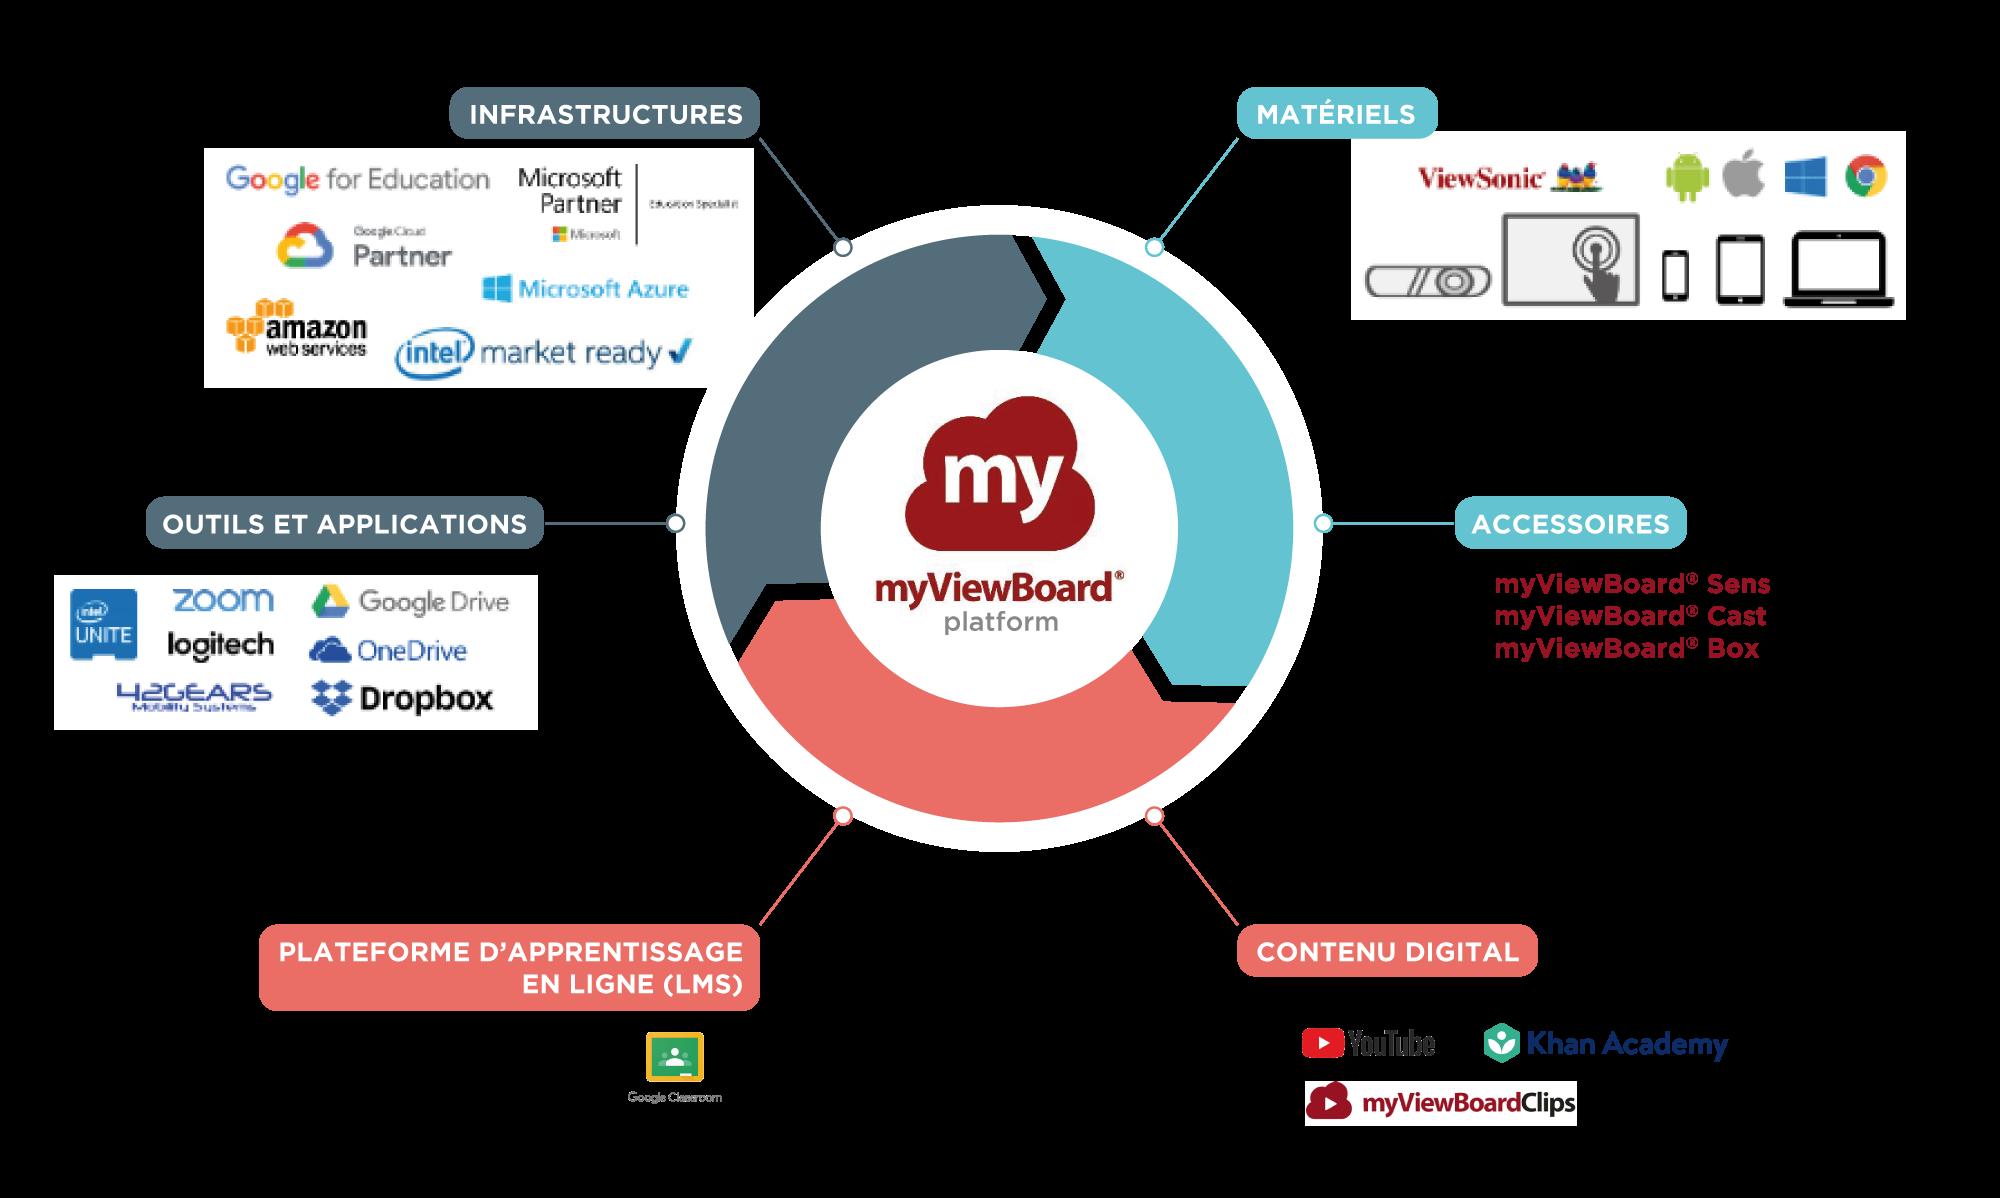 VIDELIO x ViewSonic schéma de l'écosystème ViewBoard